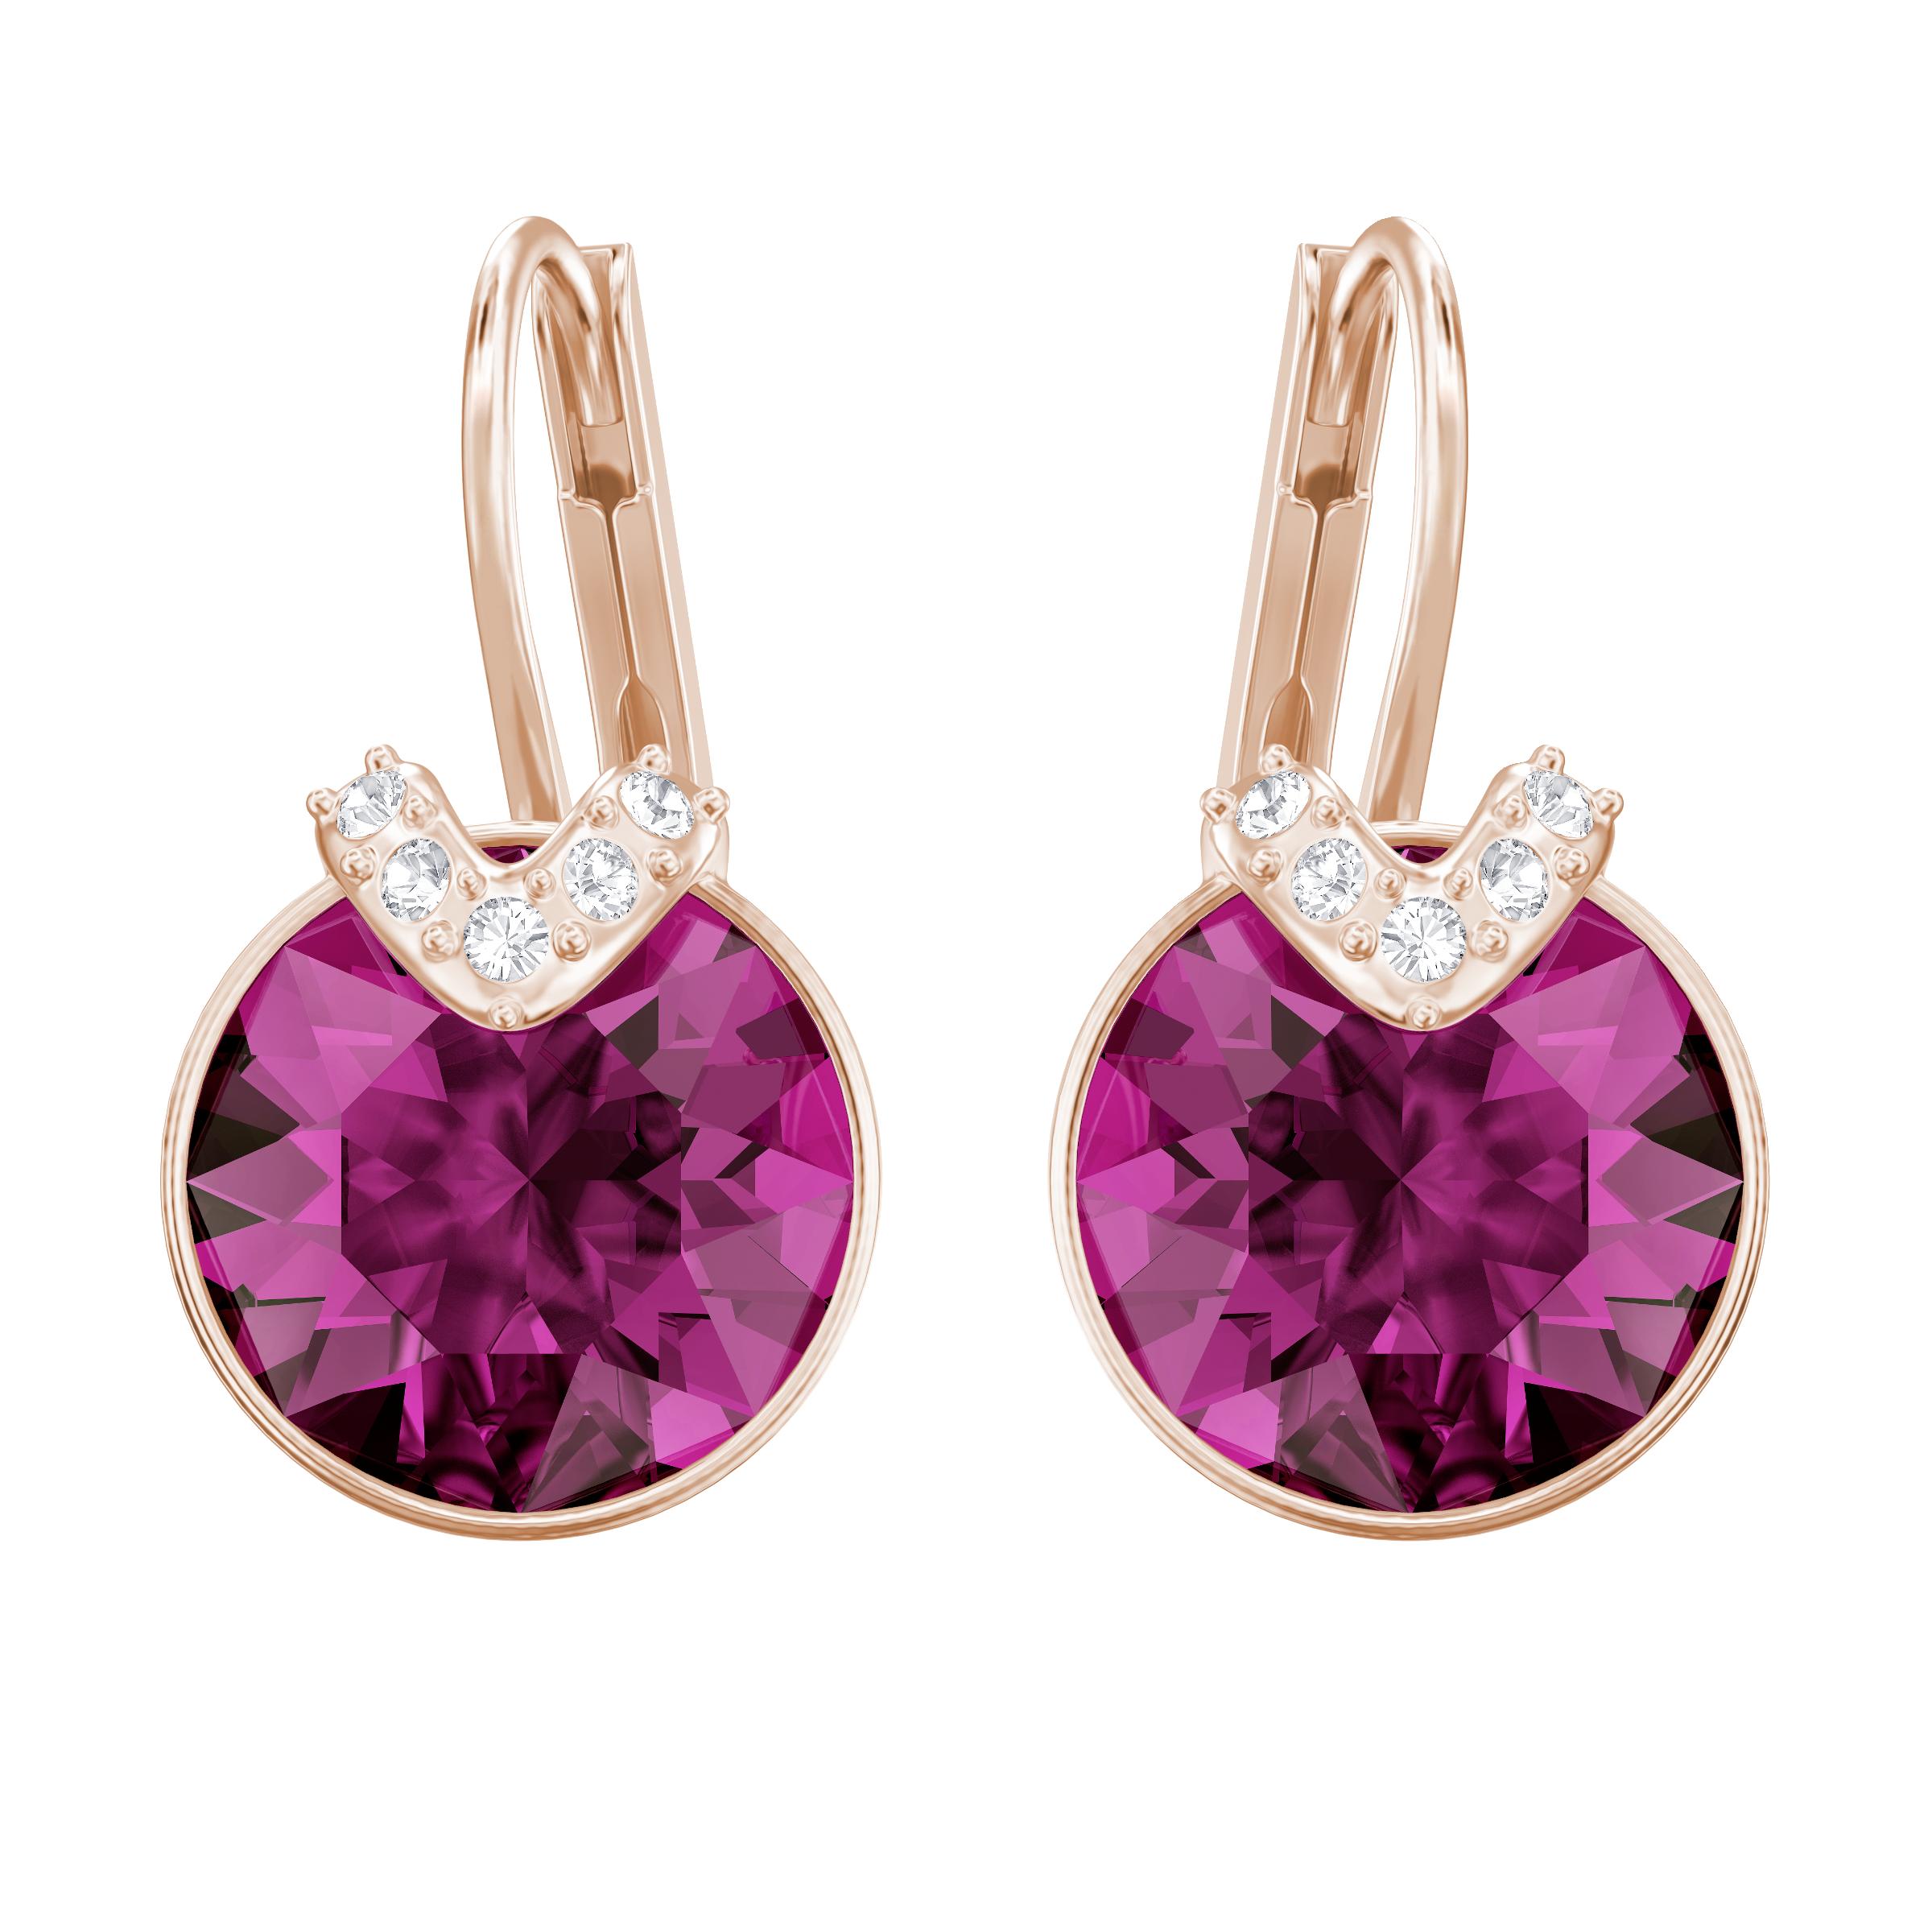 Bella V Pierced Earrings, Fuchsia, Rose Gold Plating